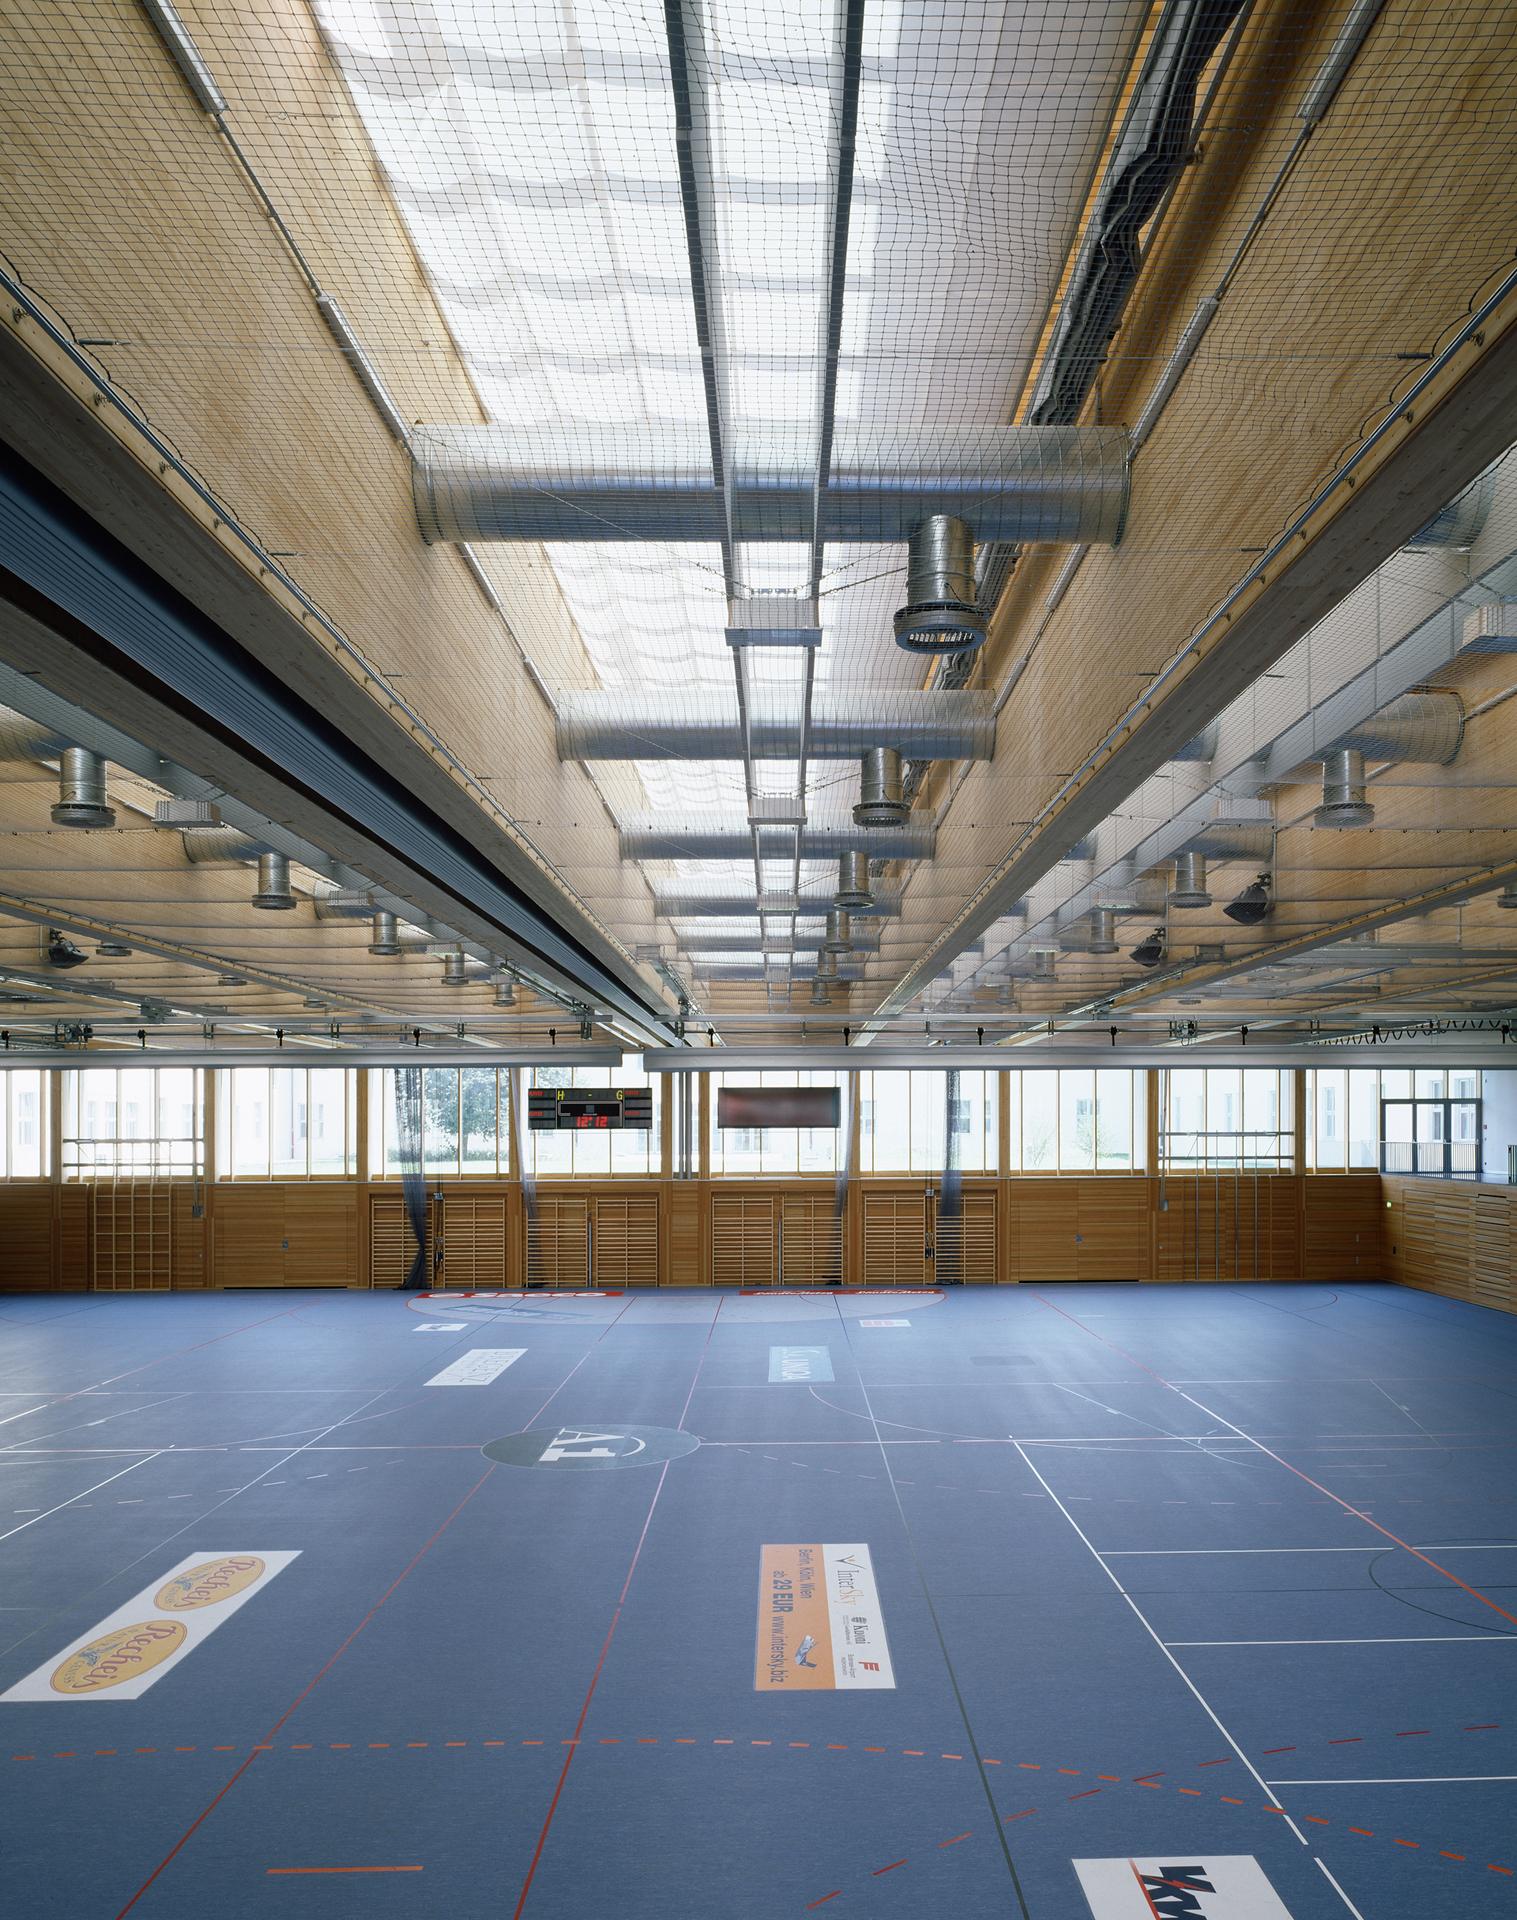 4000_Sporthalle-Rieden-Vorkloster_FOTO_Sporthalle_Rieden_32_ex_Halle-Beschattung-offen_Bruno-Klomfar